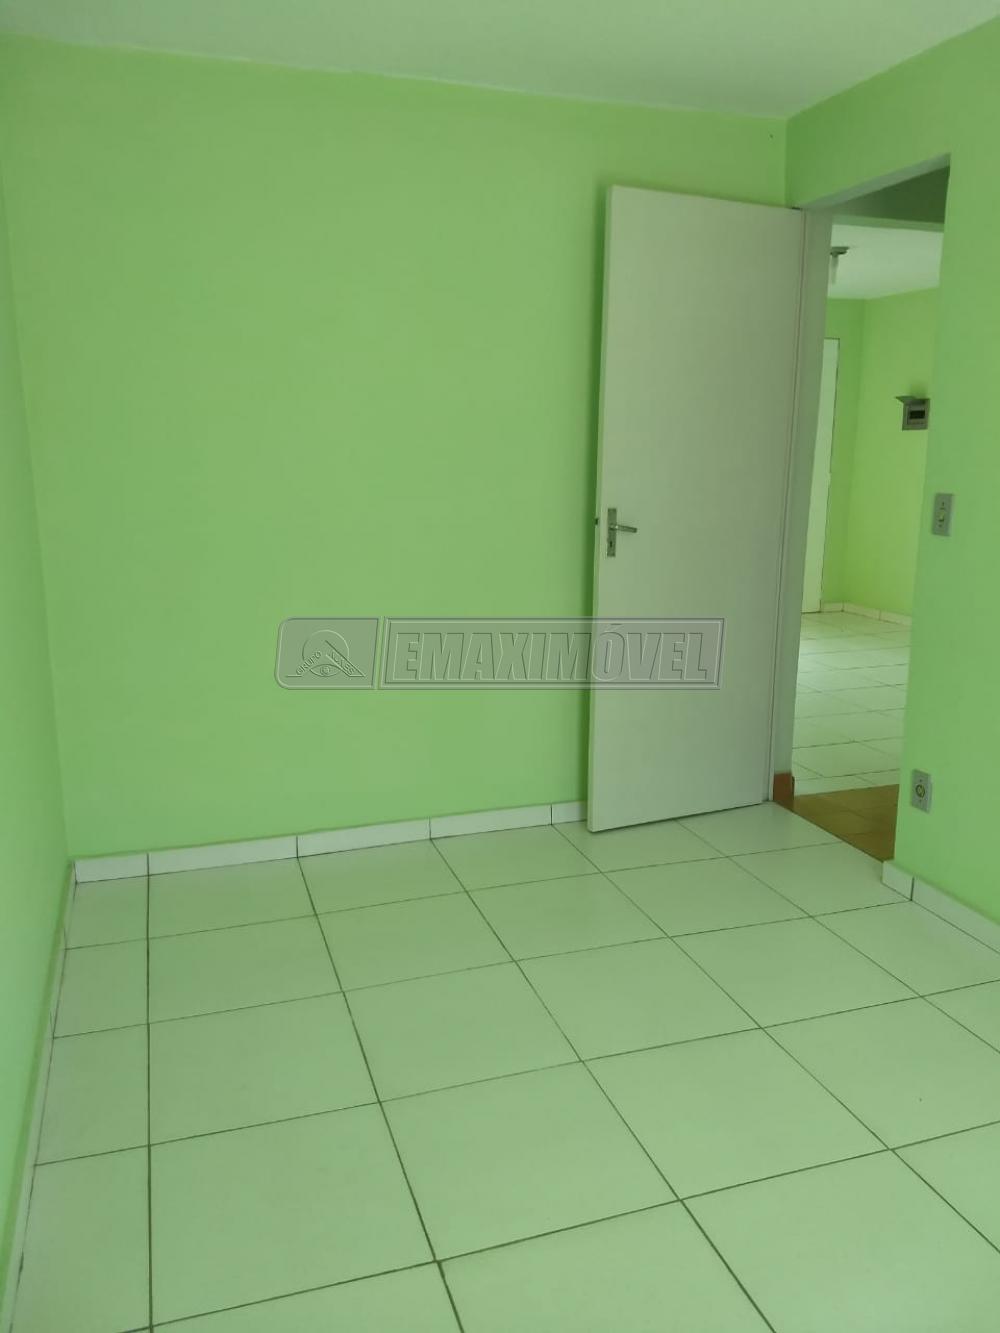 Comprar Apartamento / Padrão em Sorocaba R$ 148.400,00 - Foto 7